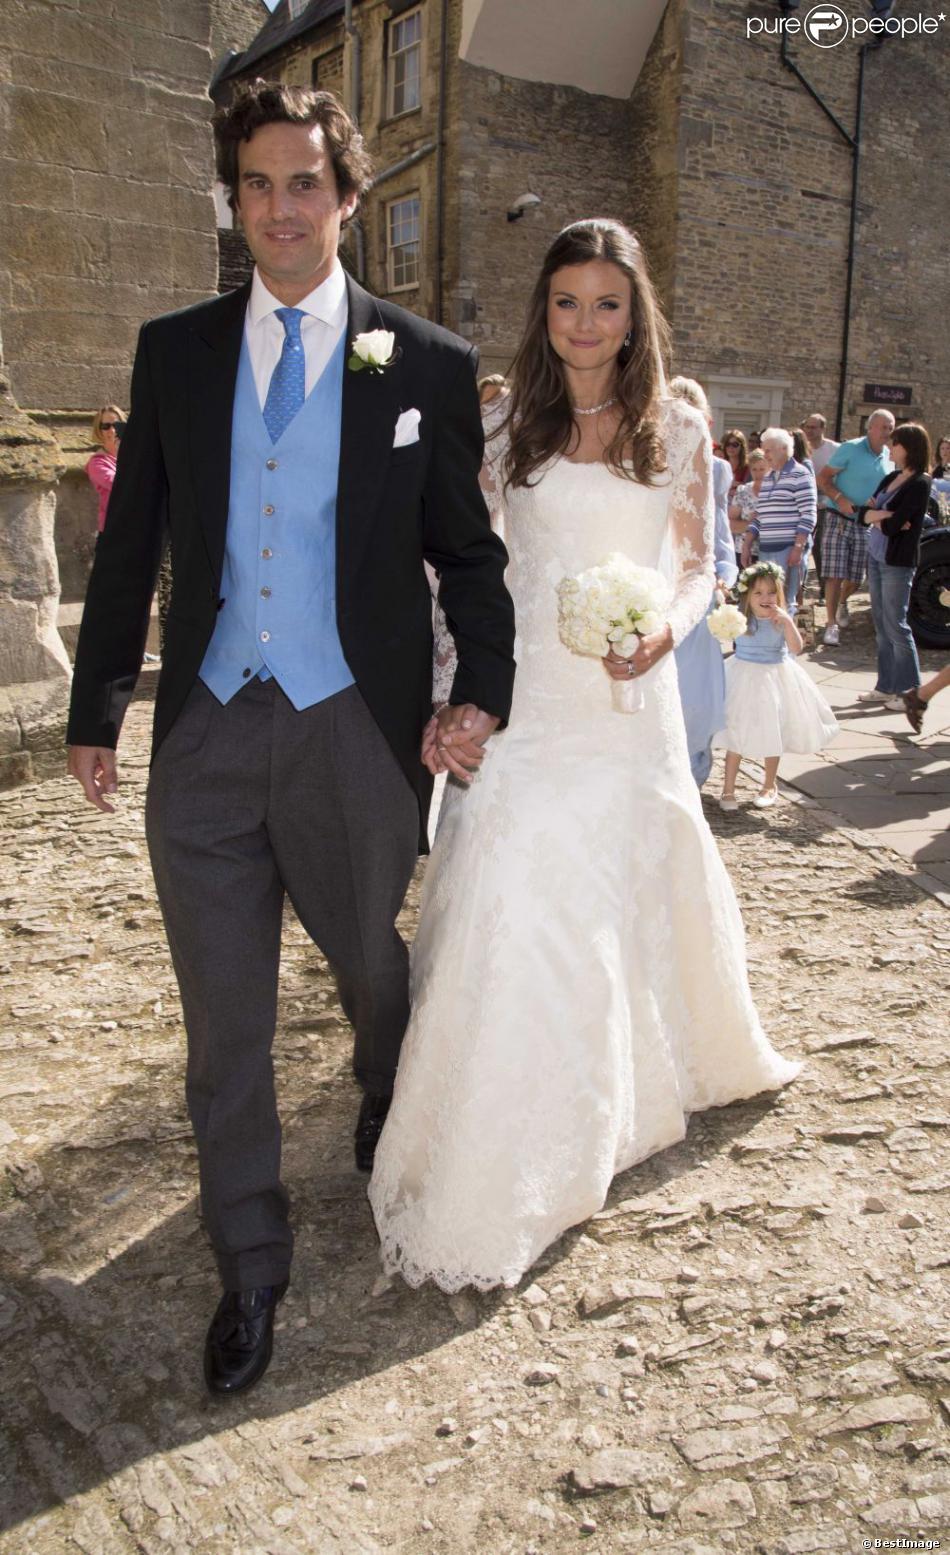 Mariage de Lady Natasha Rufus Isaacs, amie de William et cofondatrice de  Beulah, et